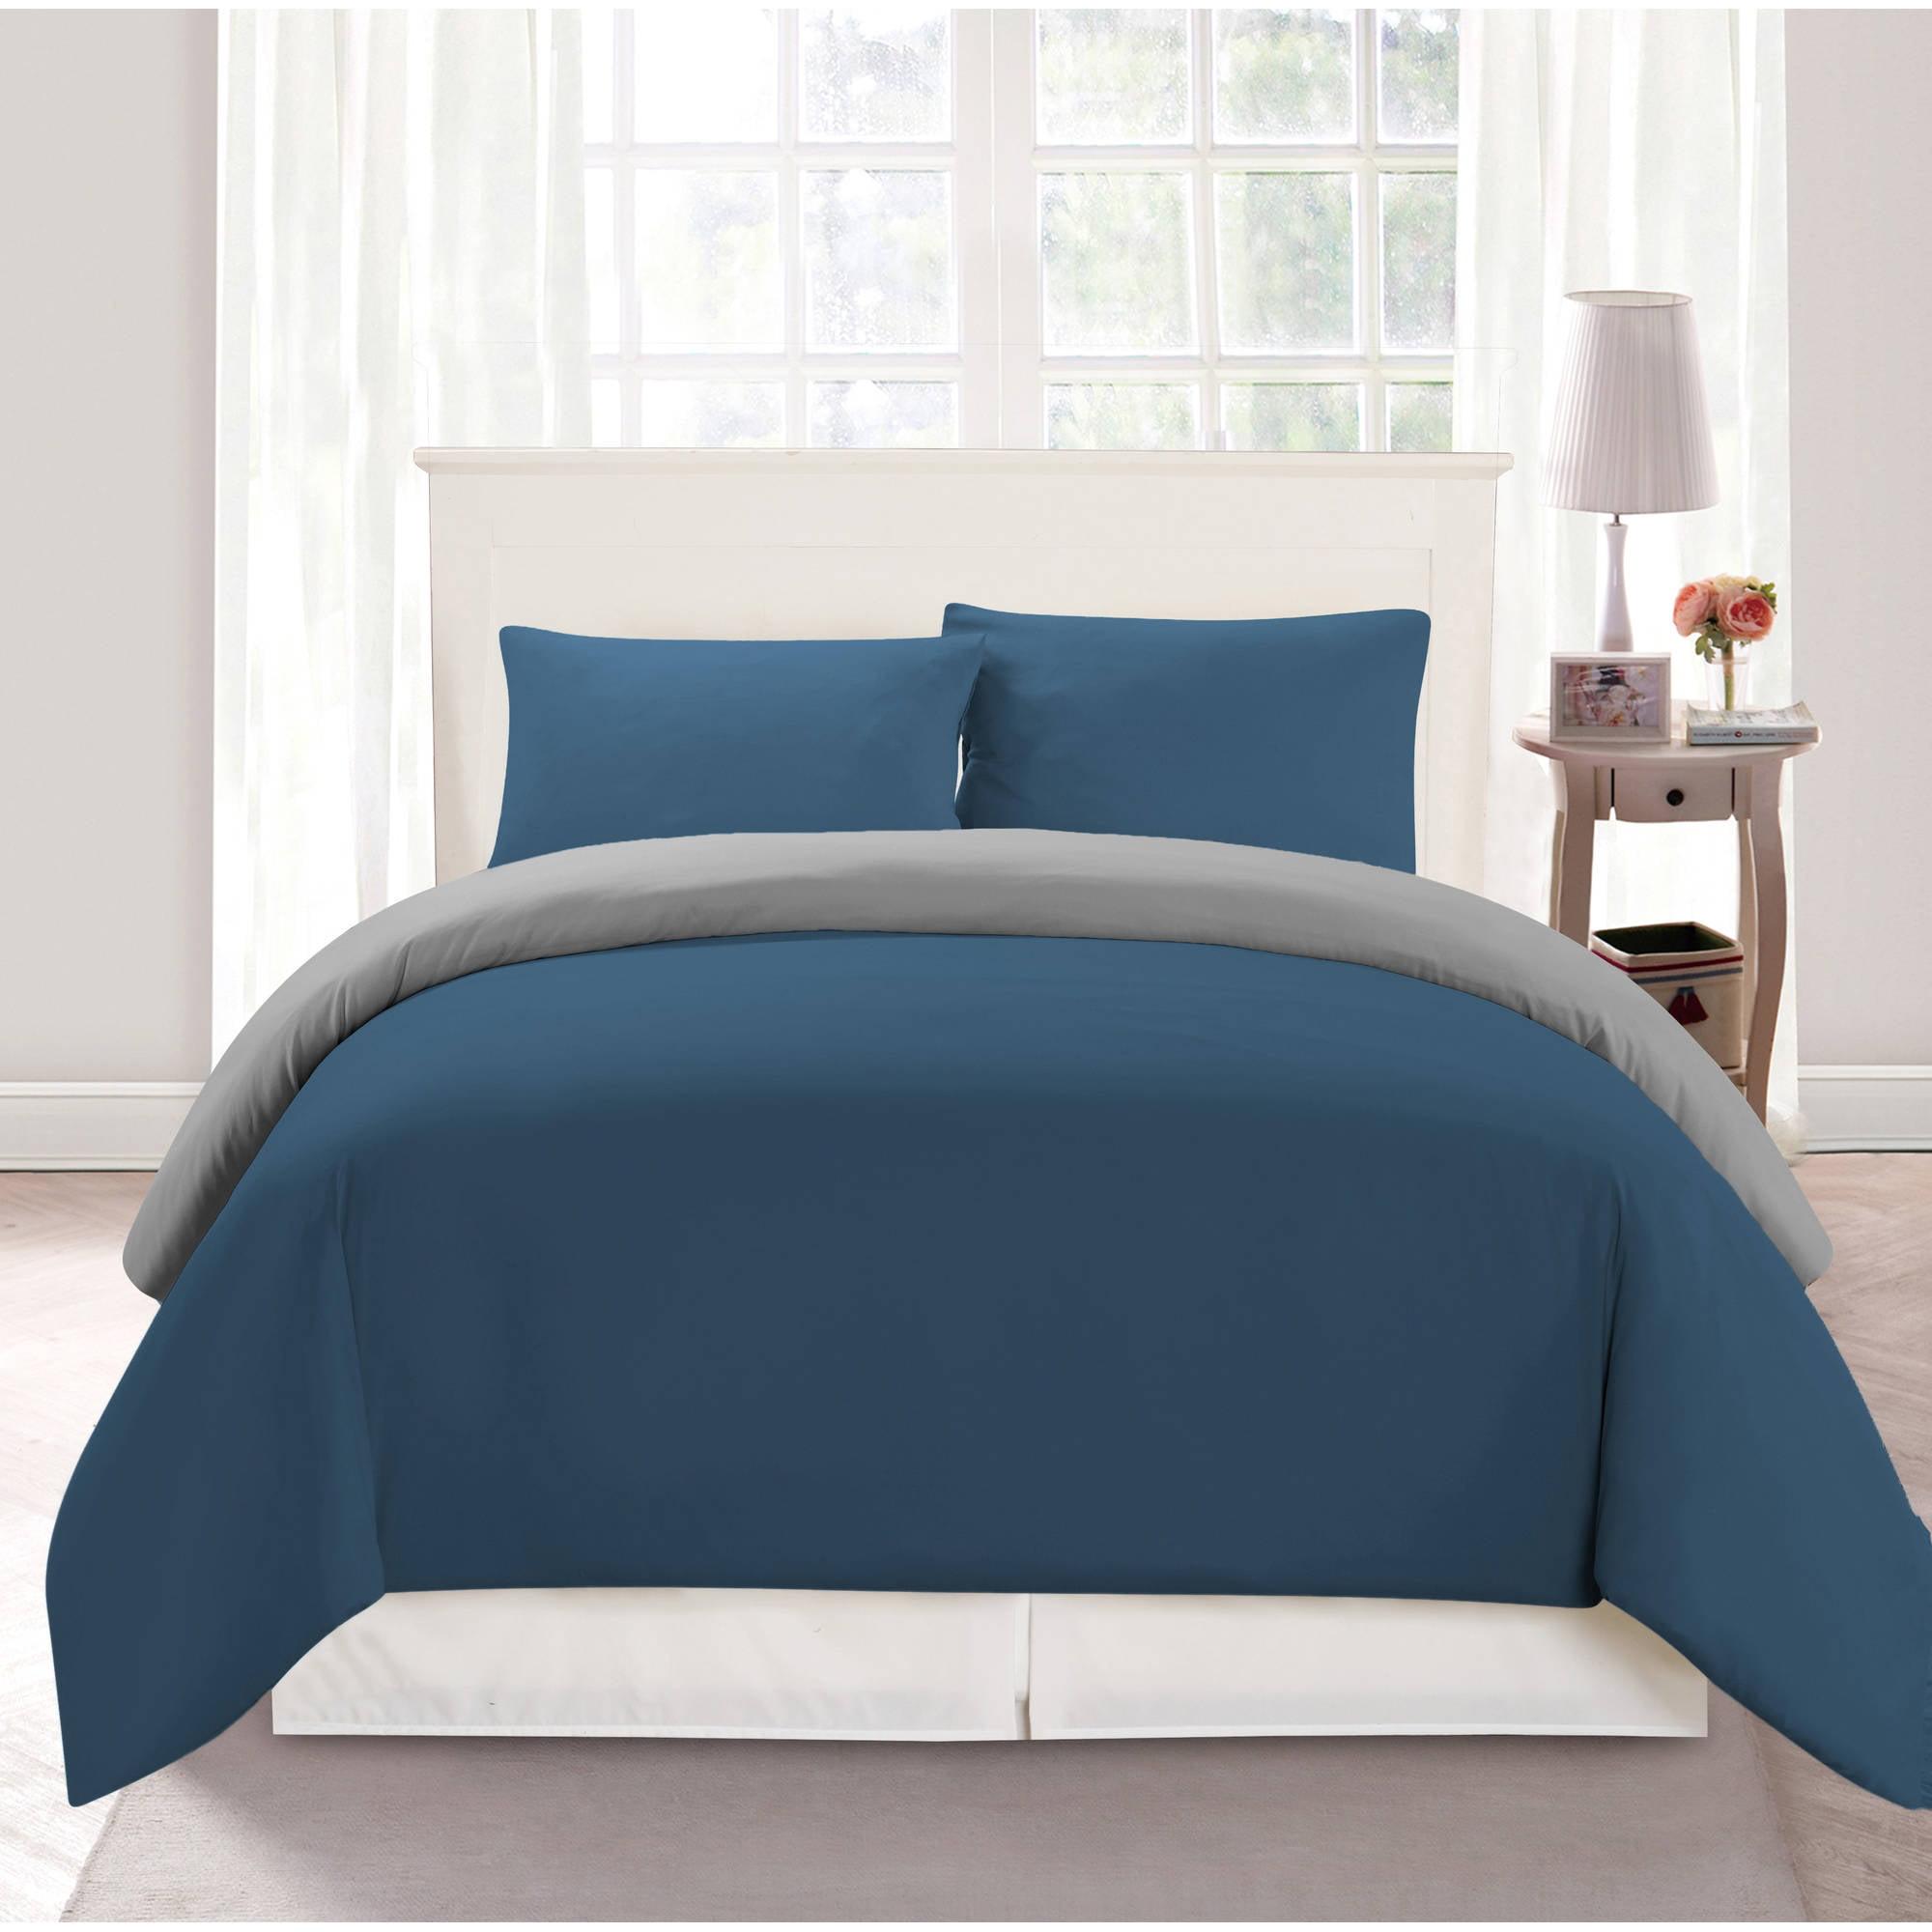 Bedroom Lighting Walmart Red And Blue Bedroom Teenage Bedroom Accessories Very Tiny Bedroom Design Ideas: Samantha Twin 2 Piece Comforter Set In Blue-Light Grey